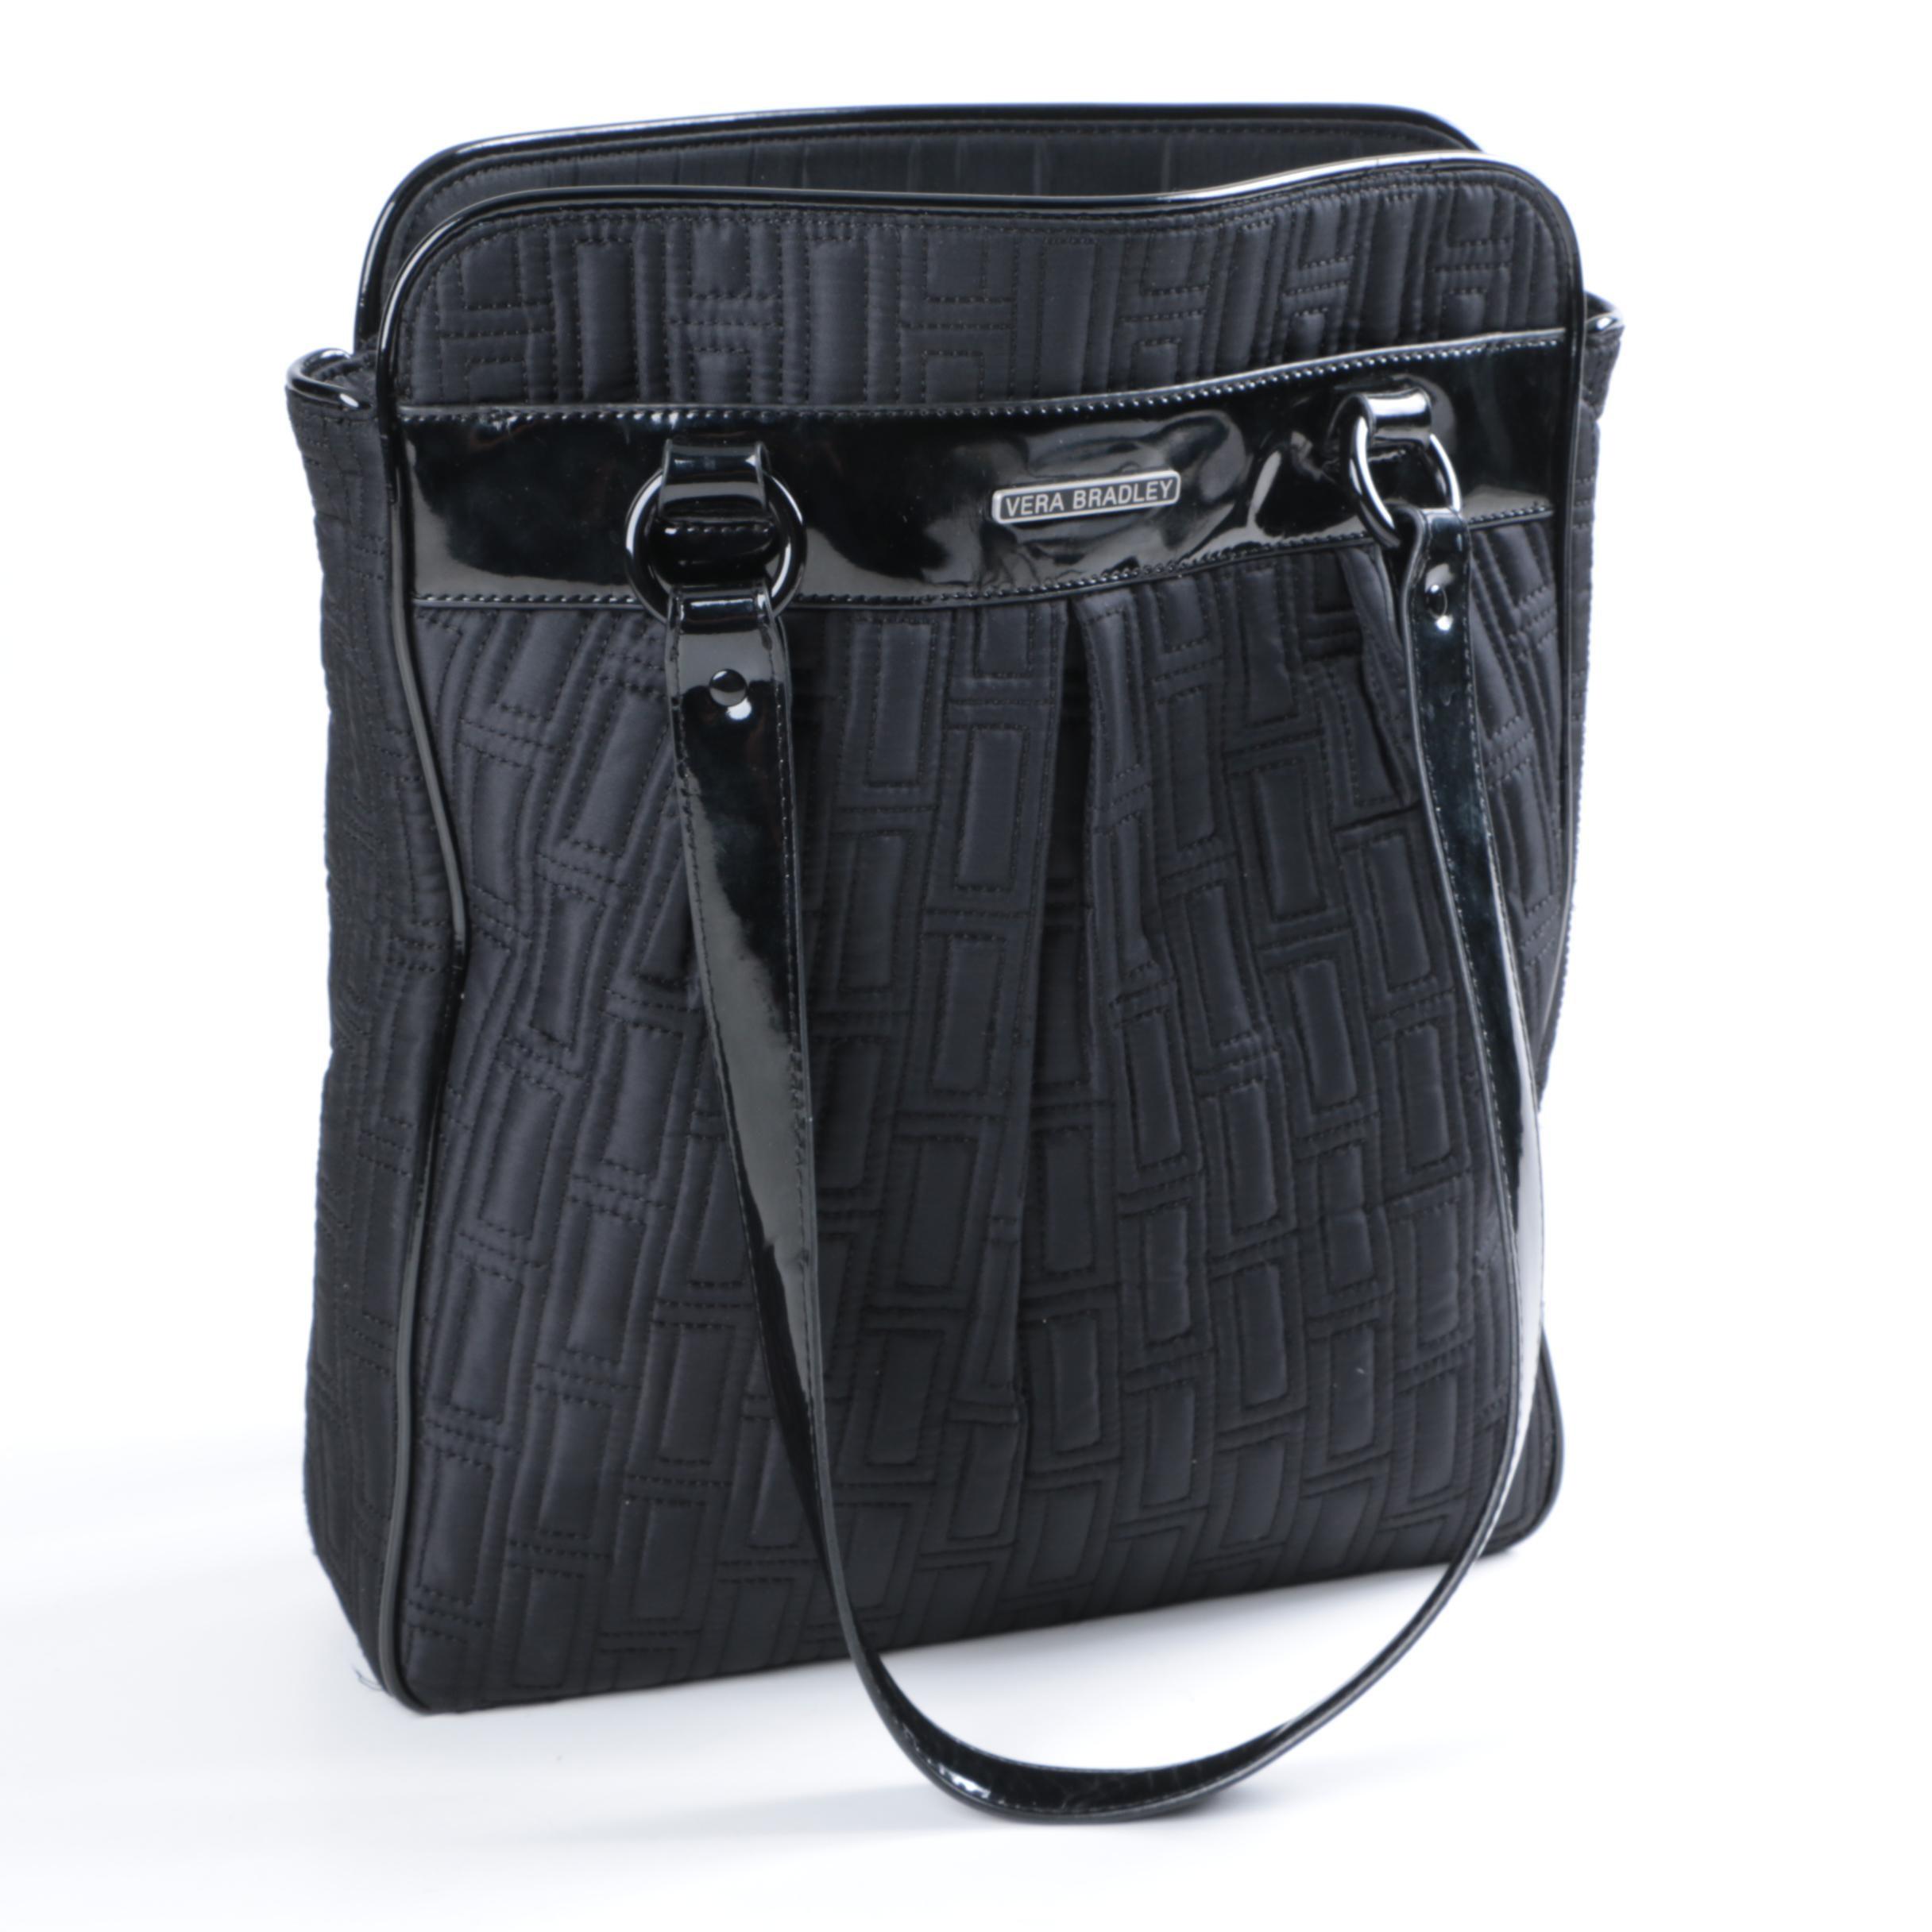 Vera Bradley Quilted Shoulder Bag